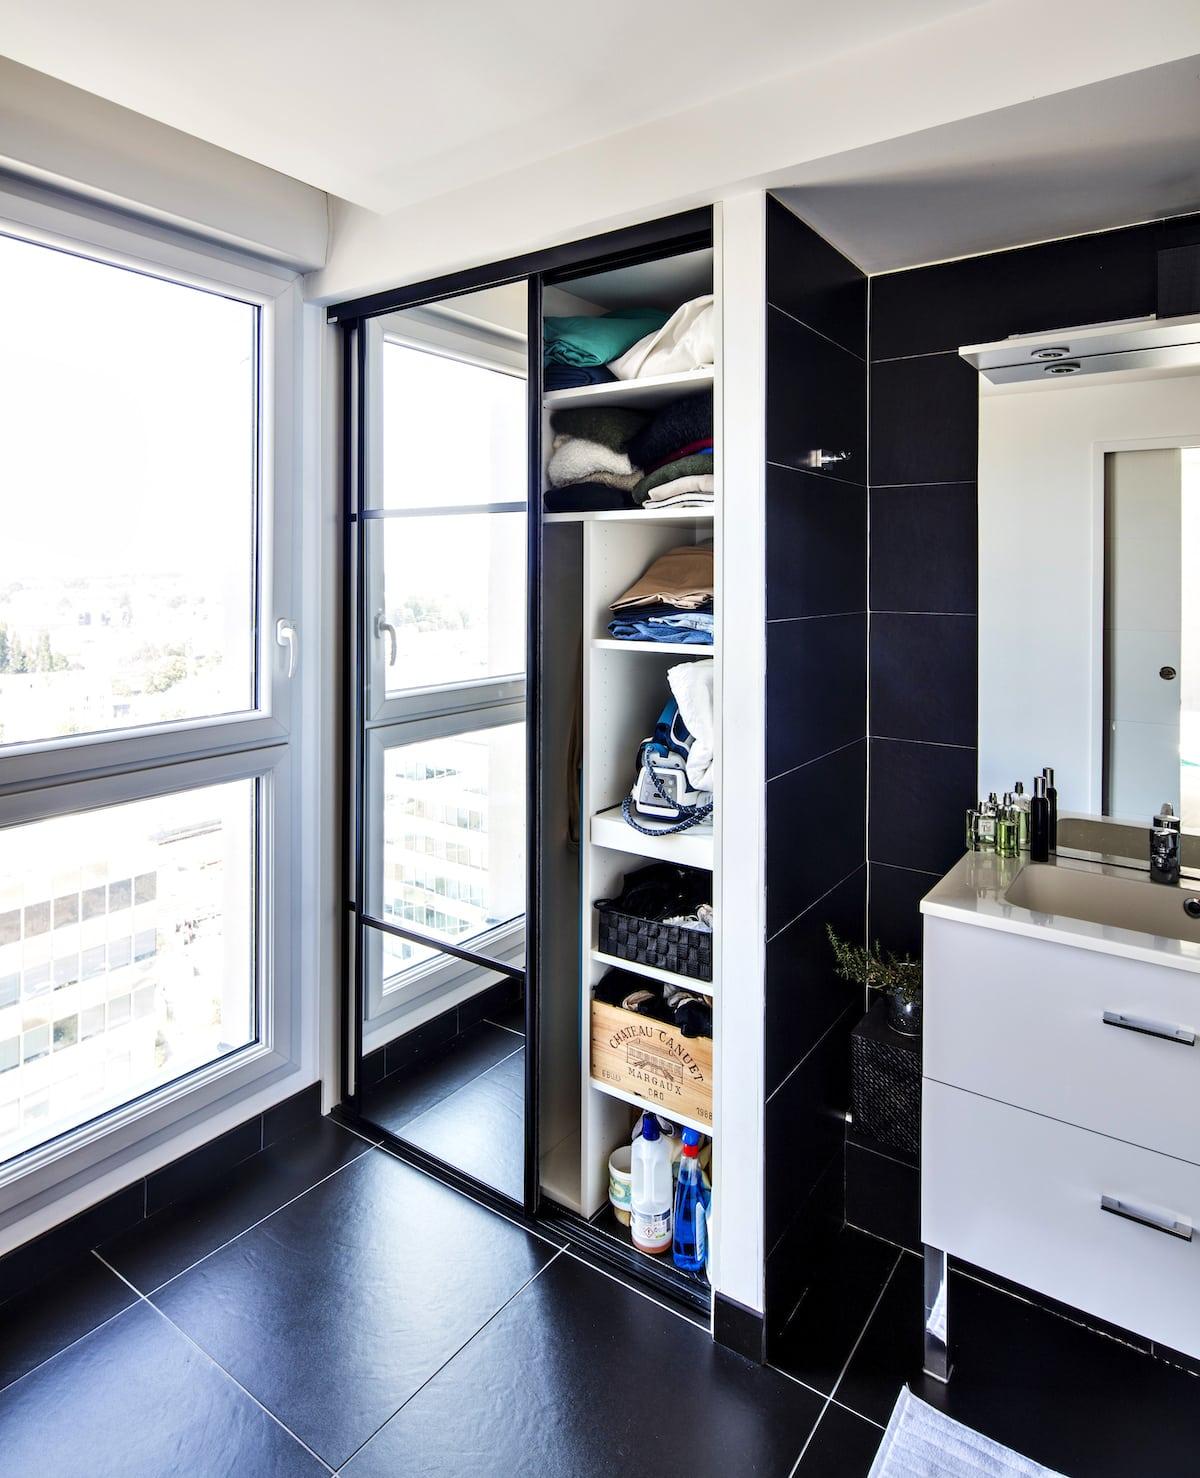 placard avec miroirs sur portes coulissantes et intérieur visible